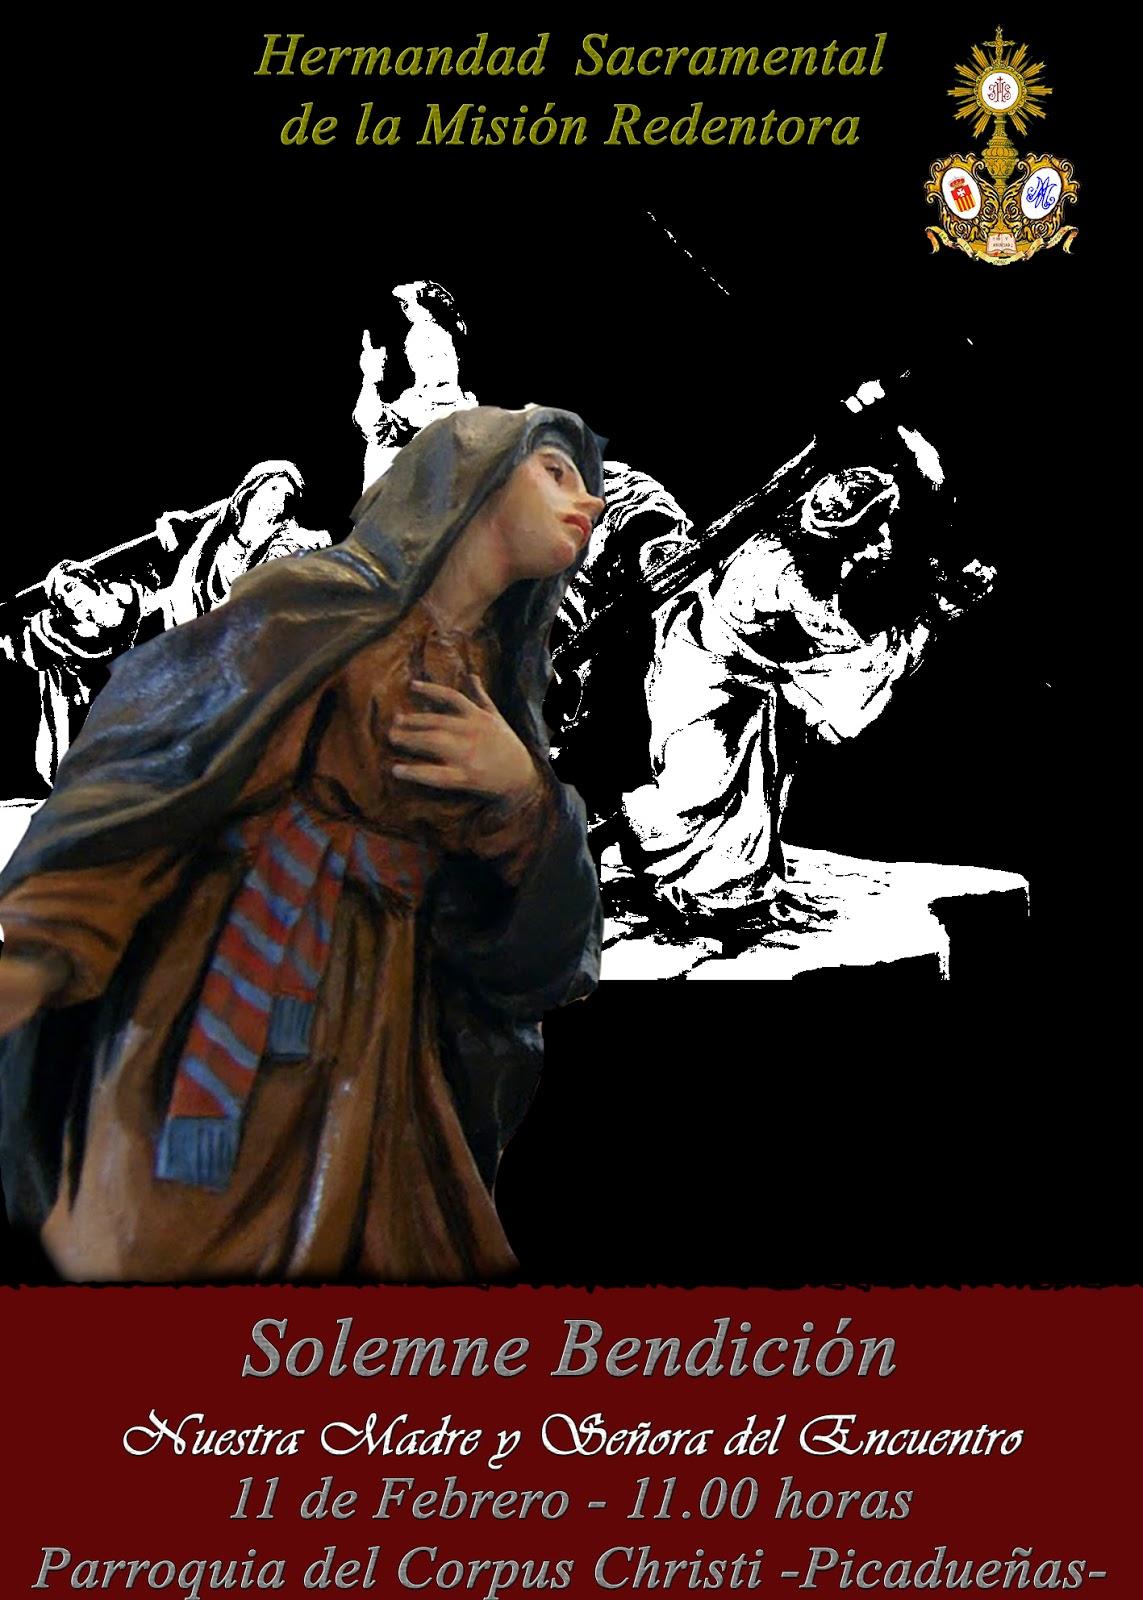 Hoy se bendice Nuestra Madre y Señora del Encuentro